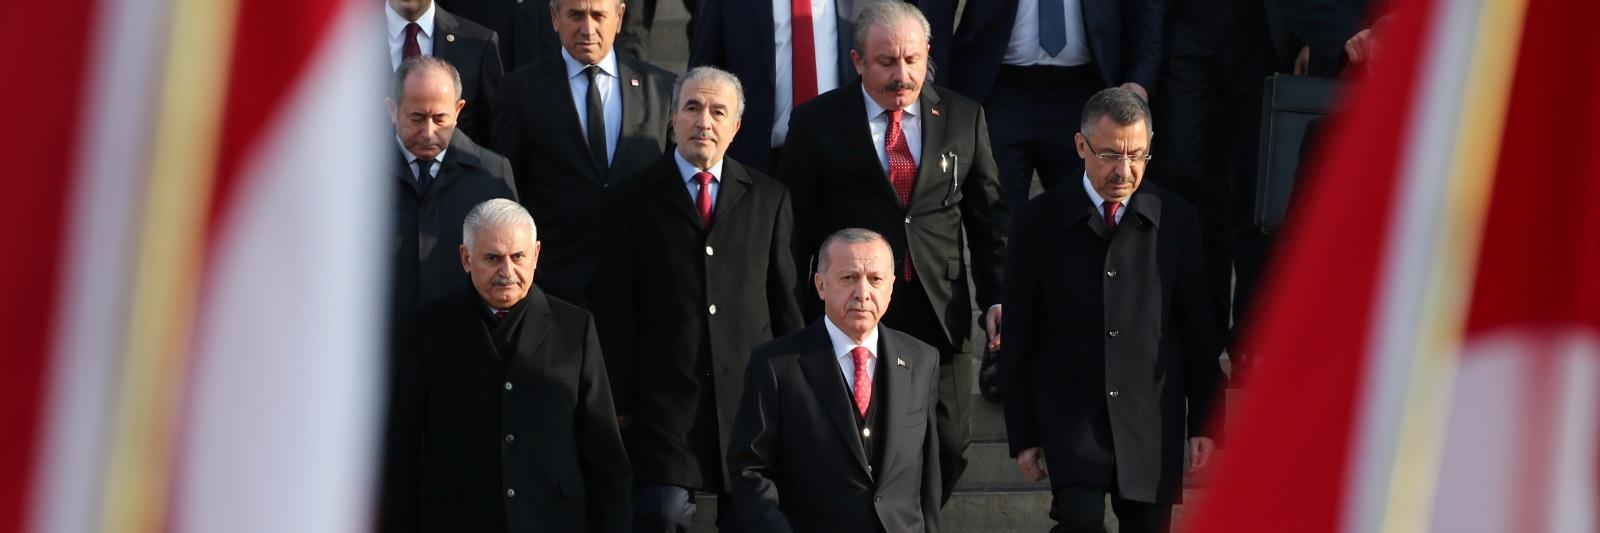 هل انتصر أردوغان على السيسي في البحر المتوسط ؟